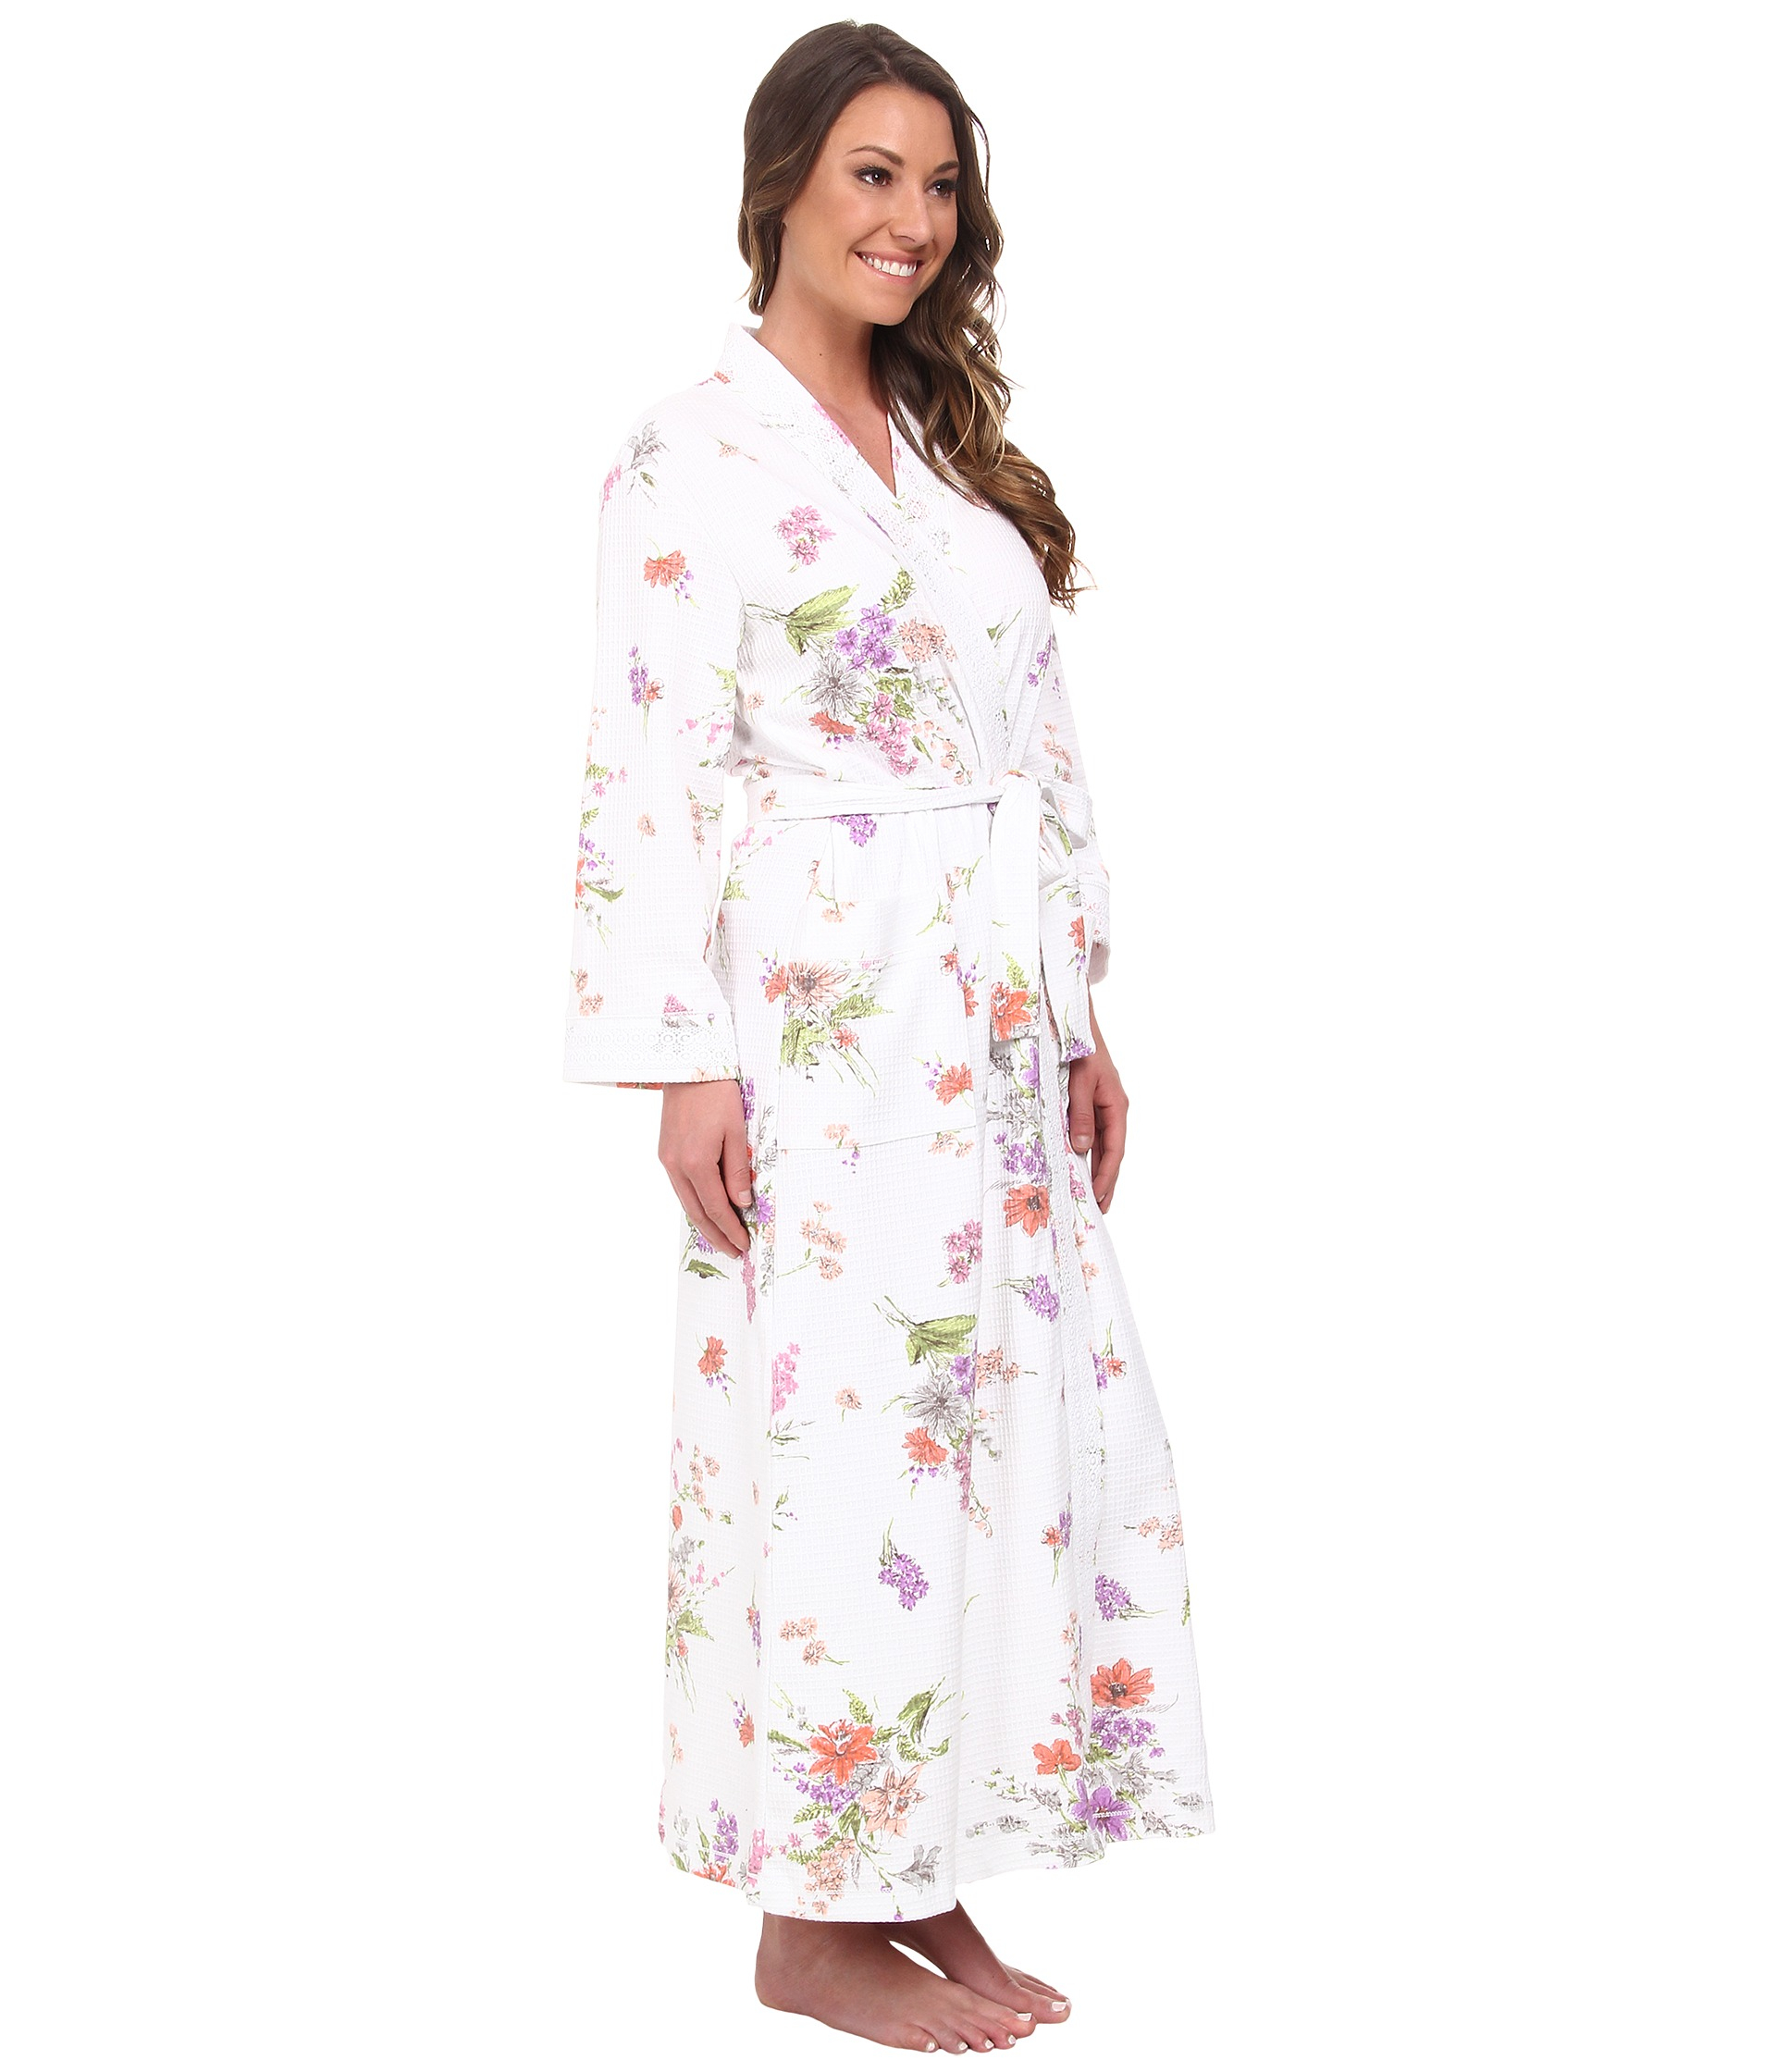 Lyst - Carole Hochman Waffle Knit Printed Long Robe